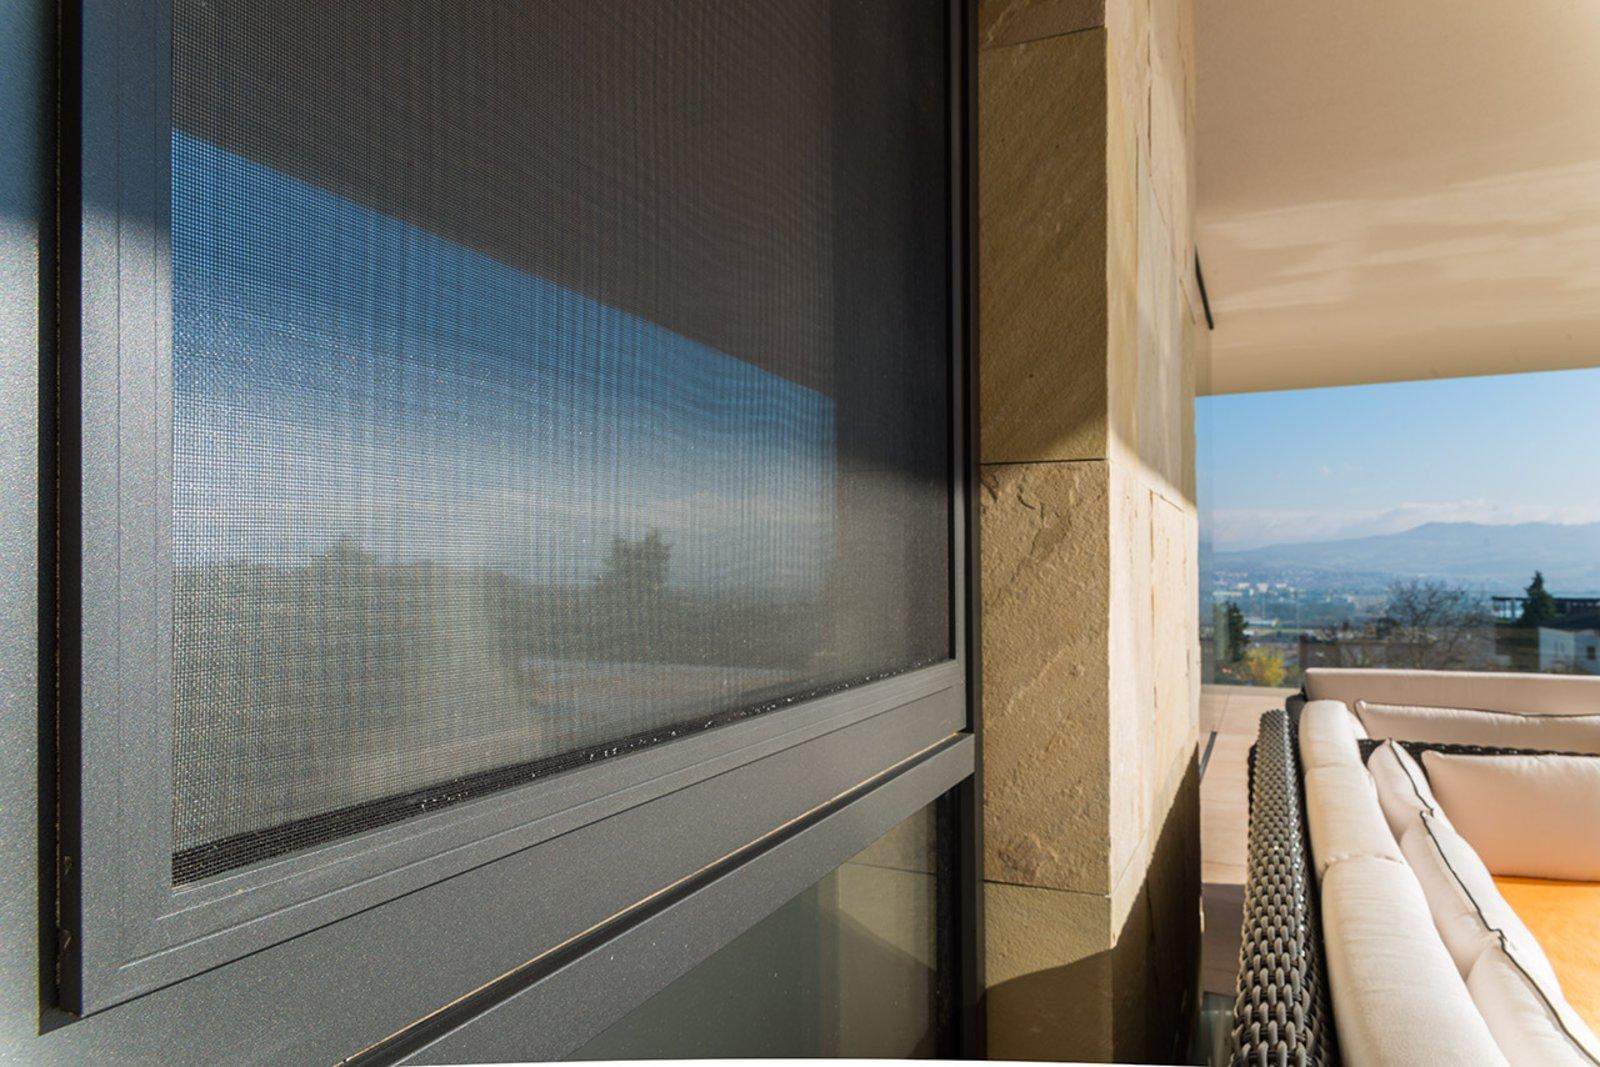 Full Size of Insektenschutzgitter Fenster Fr Und Tren Familienhuser Online Konfigurator Kunststoff Aluminium Sicherheitsfolie Test Einbauen Sicherheitsbeschläge Fenster Insektenschutzgitter Fenster